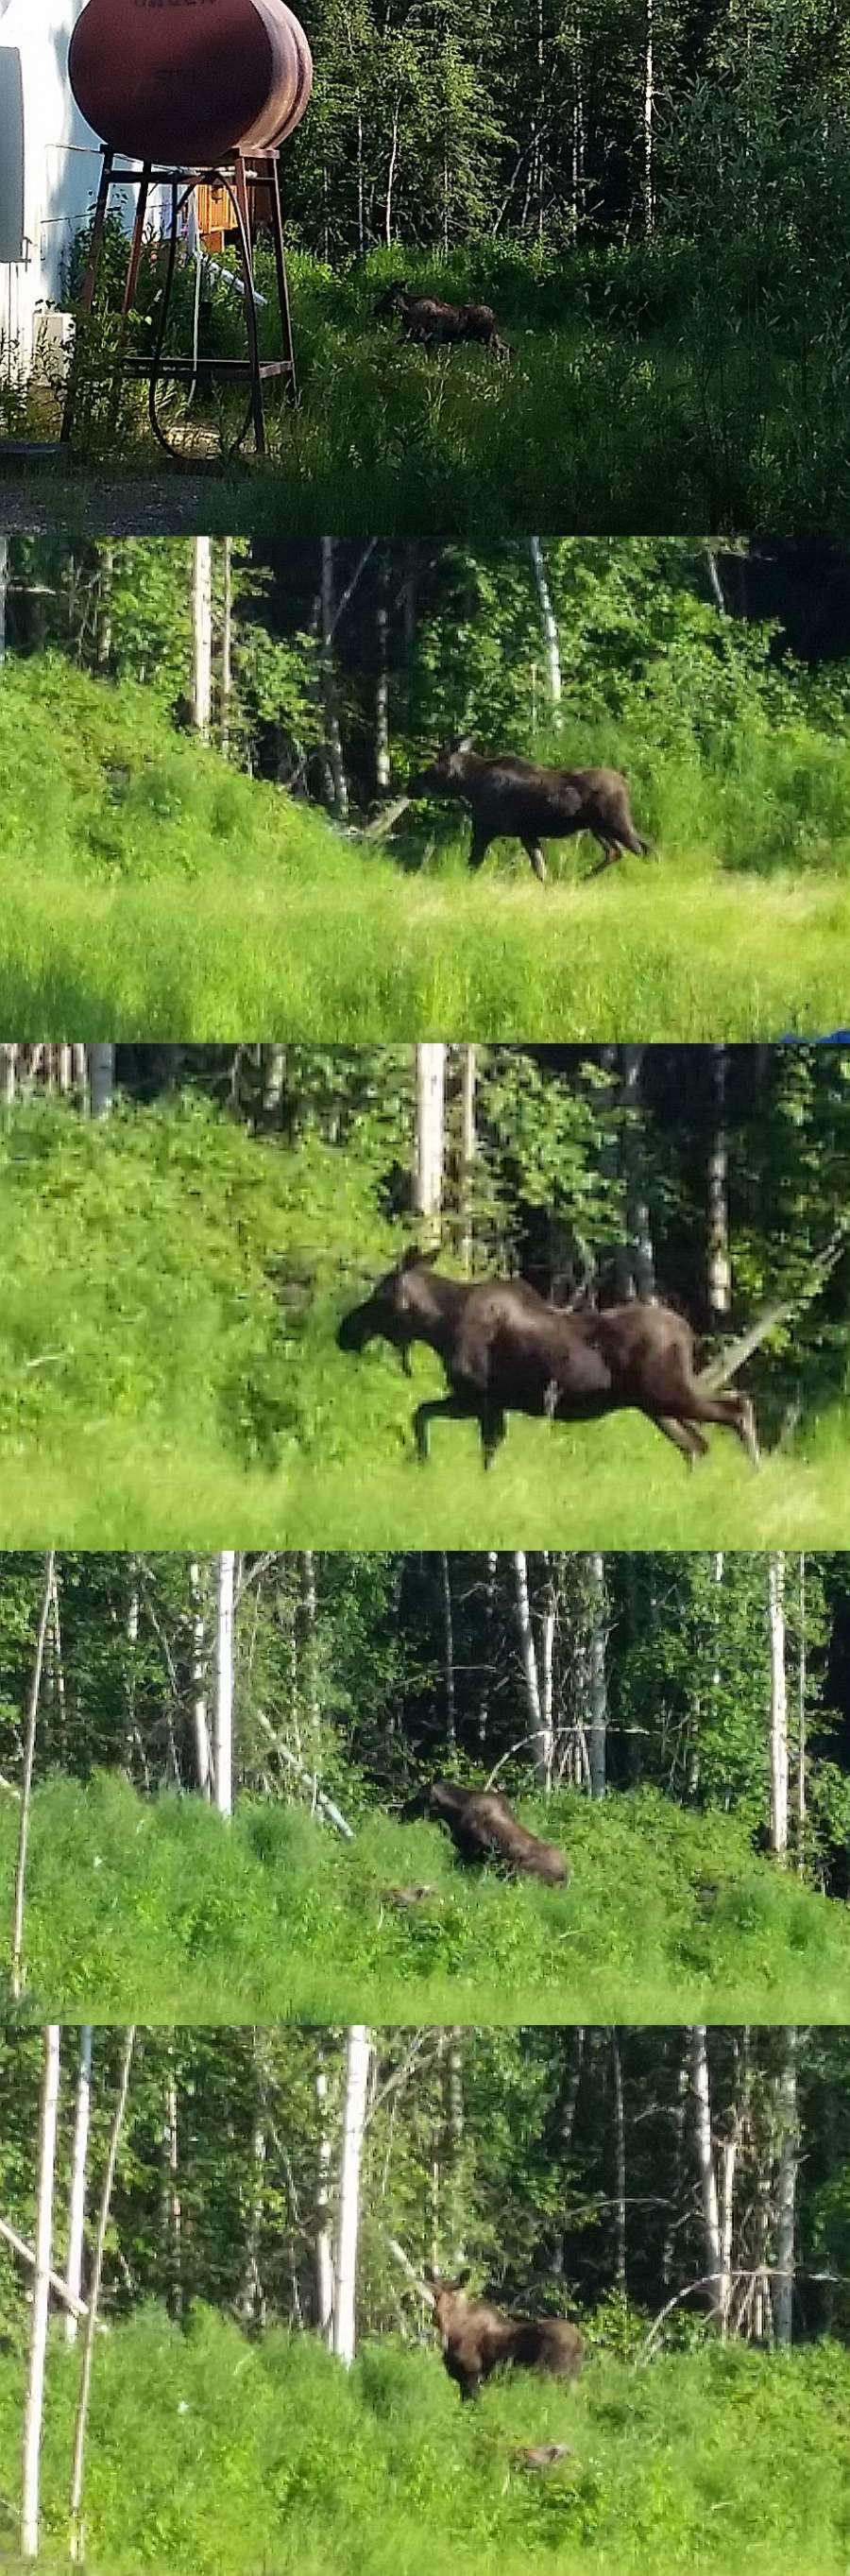 2015-06-15-Moose